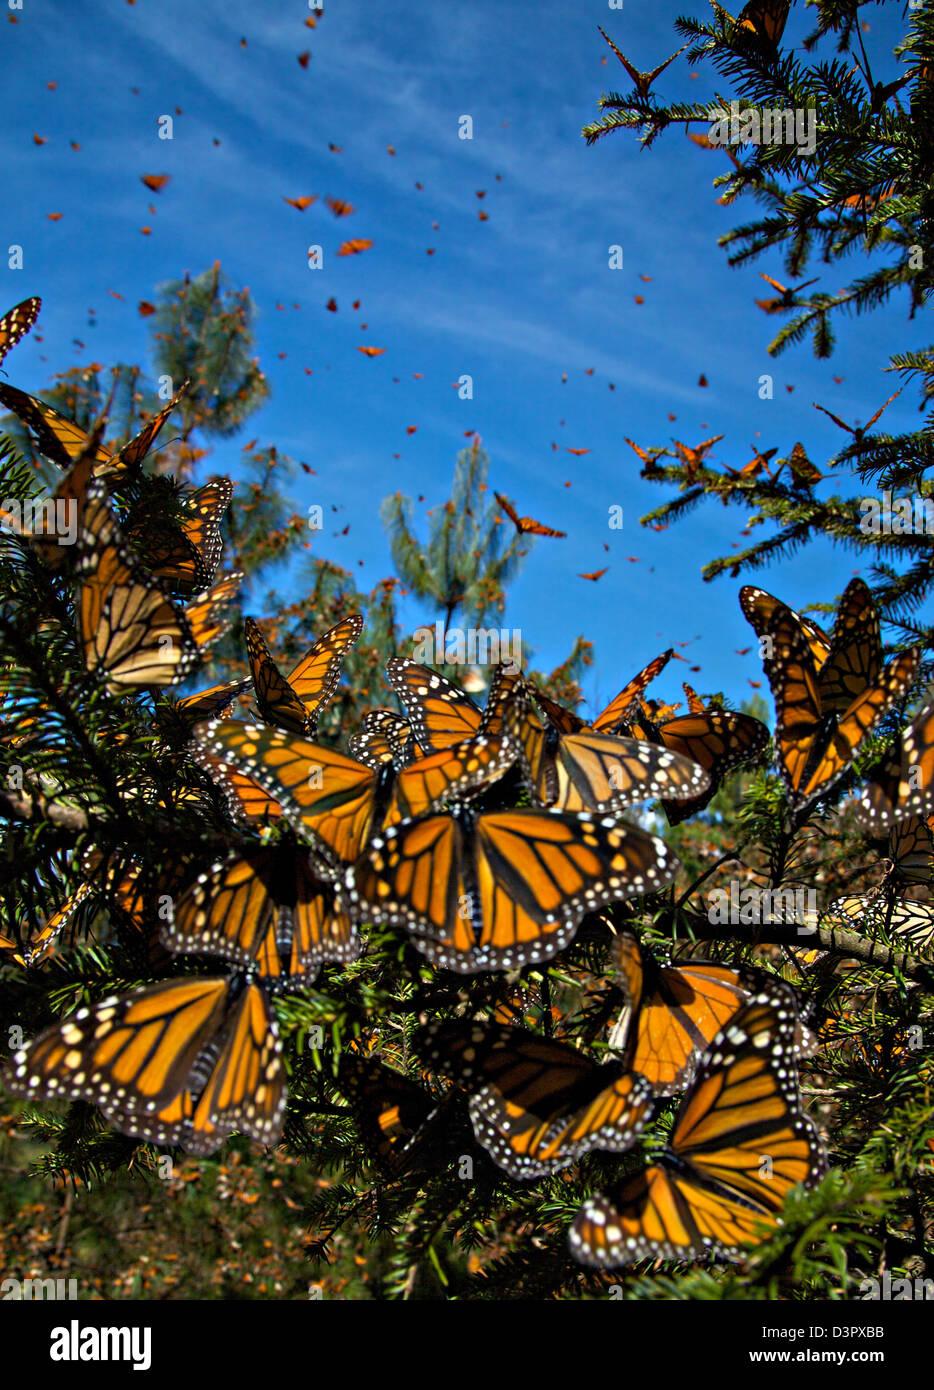 Farfalle monarca messa nella Sierra Pellon montagna alla farfalla monarca Riserva della Biosfera in Sierra Pellon Immagini Stock